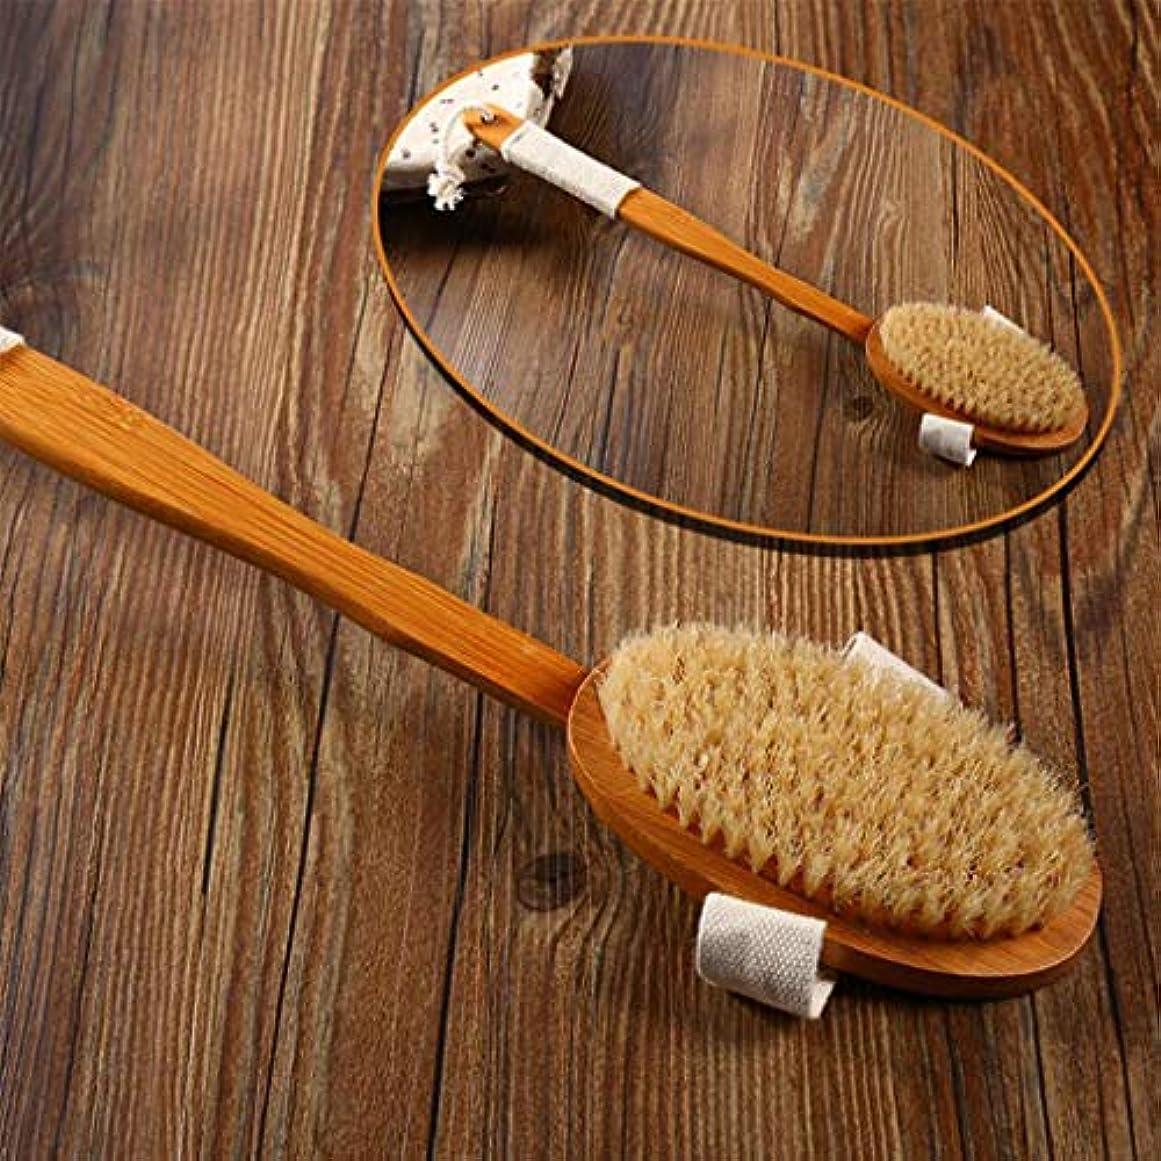 バンジョー盆画家ボディブラシナチュラル剛毛バスブラシロングハンドル木製剛毛ソフトヘアラブバックシャワーブラシ角質マッサージブラシを取り外します